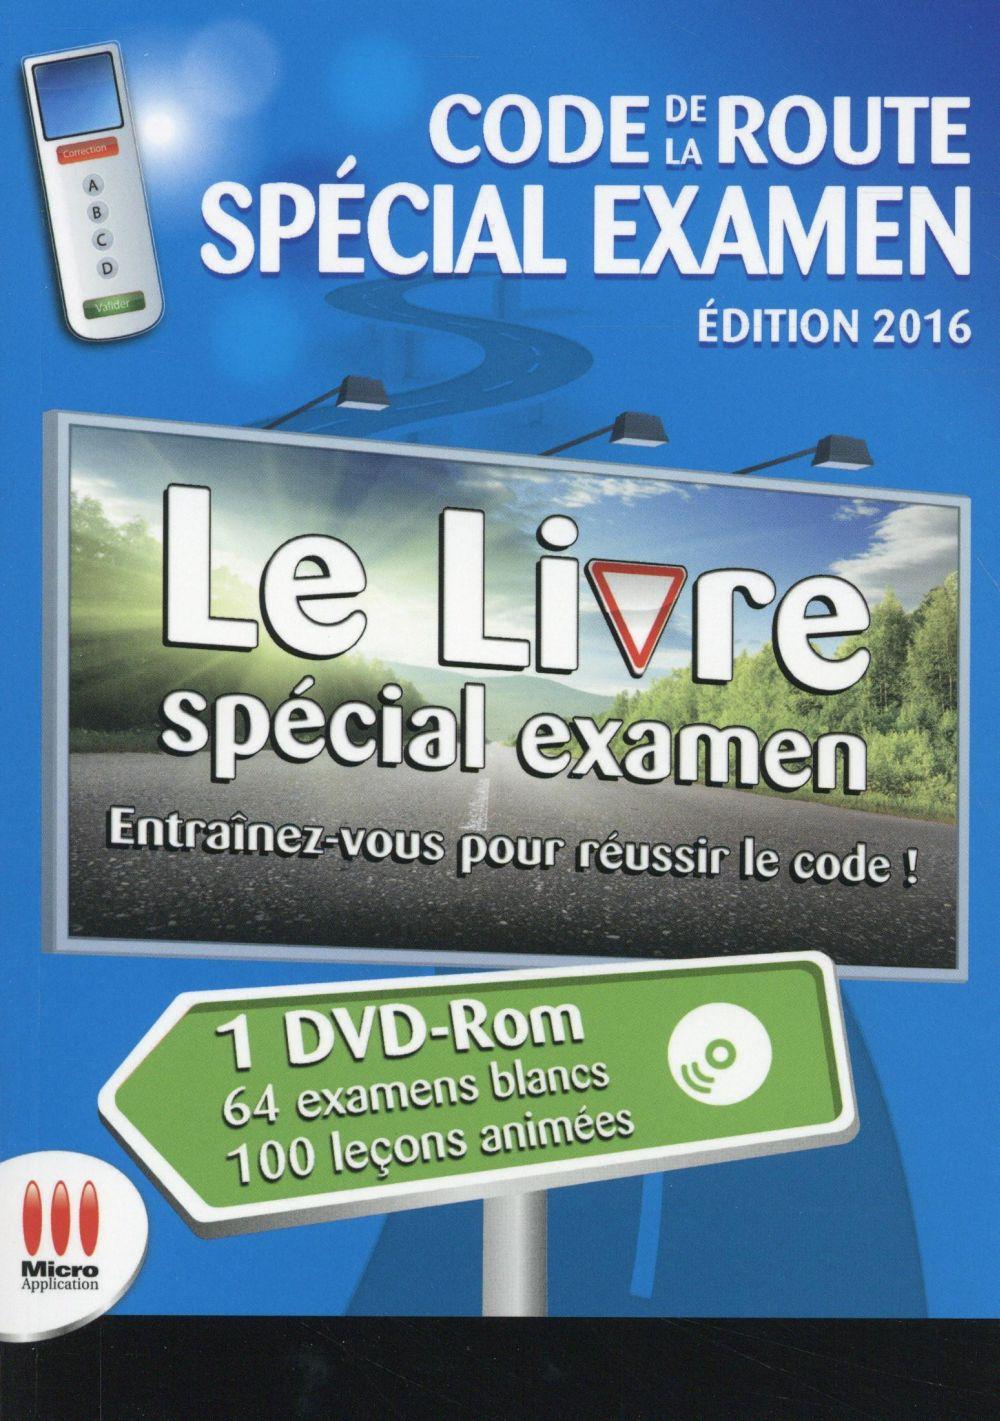 Code de la route spécial examen (édition 2016)